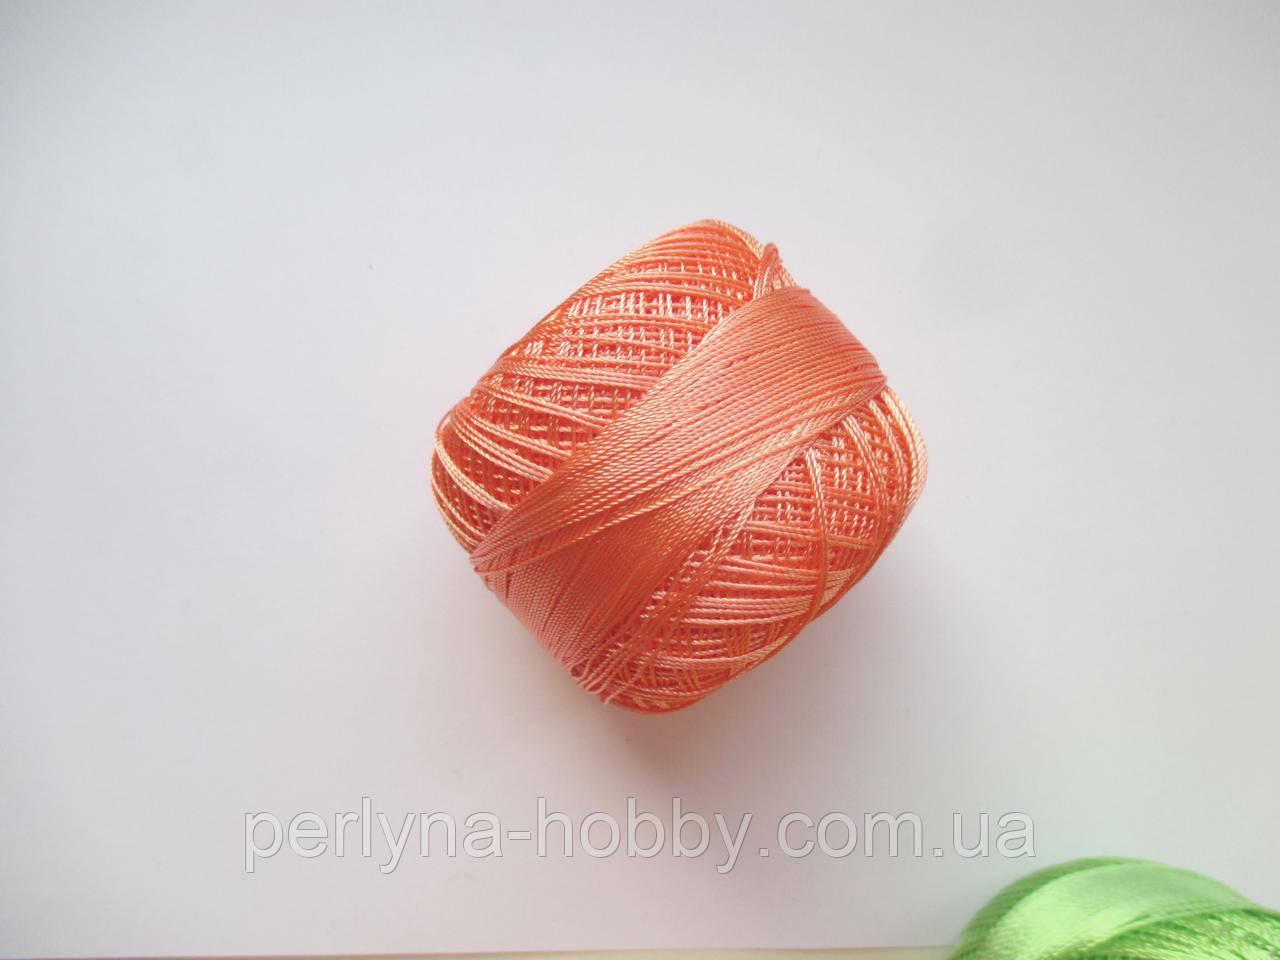 Нитки поліестер (штучний шовк)  для в'язання, вишикання типу Ірис ( Iris ) 20 грам. Персиковий